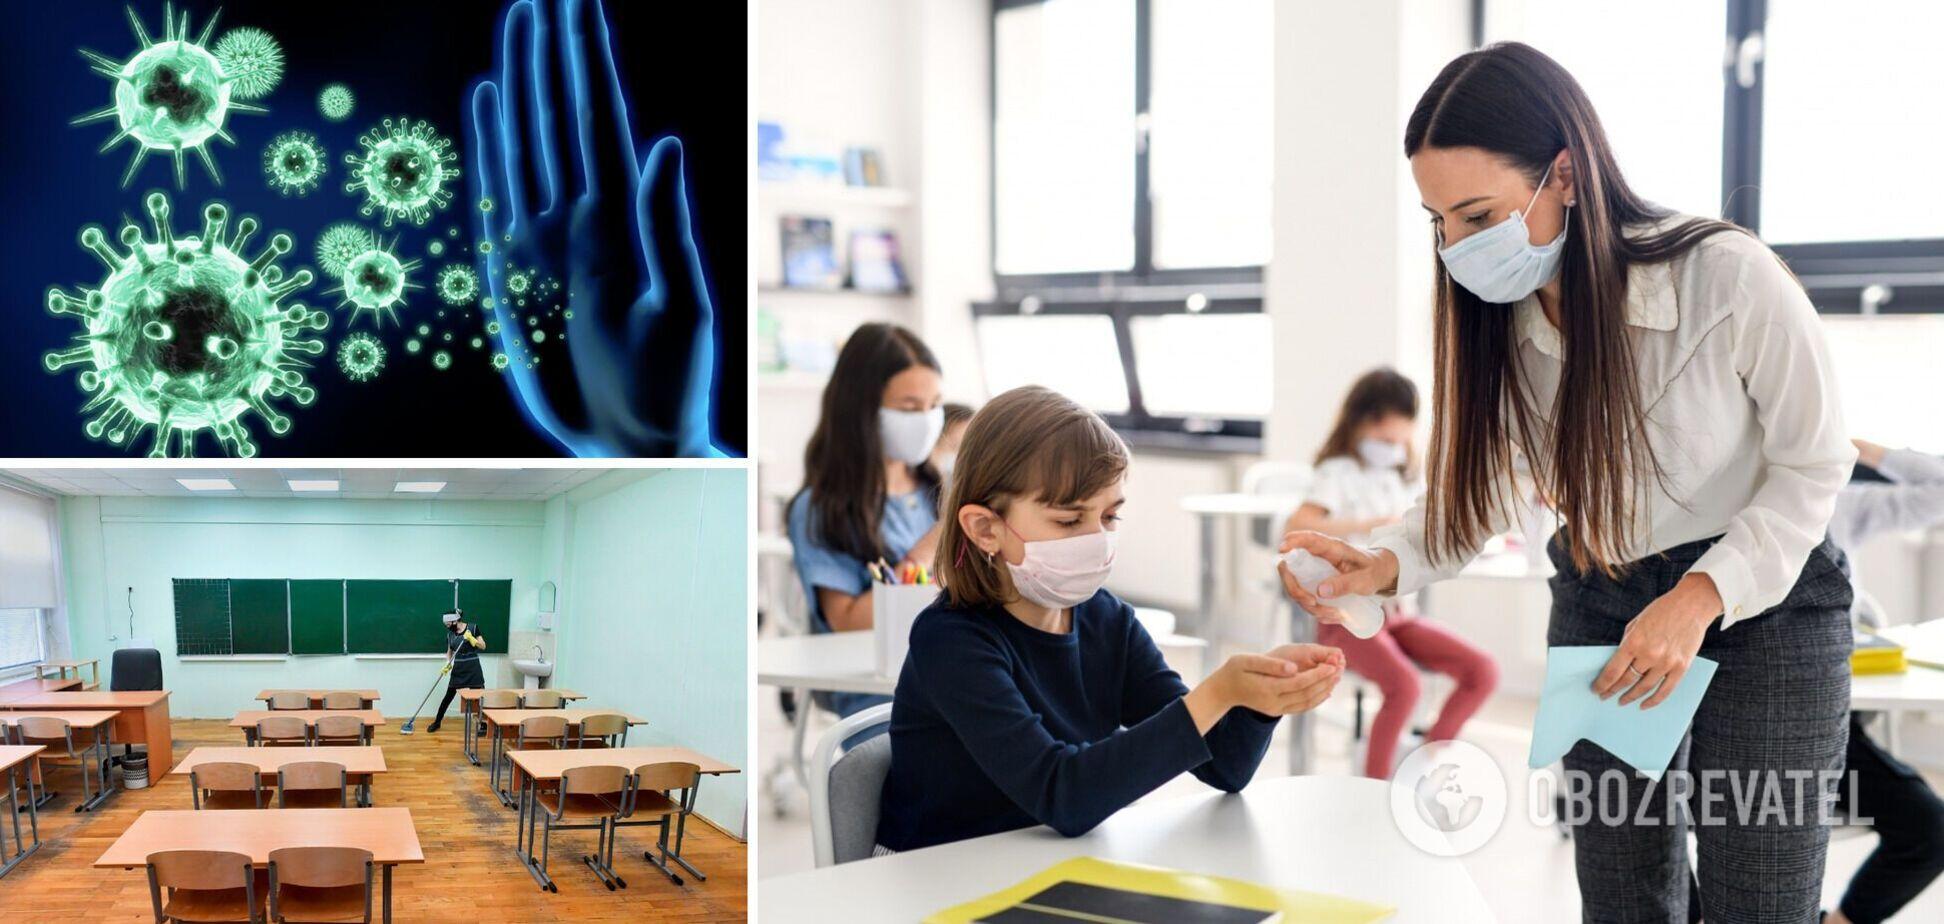 Комаровский рассказал, как уменьшить риск заражения детей COVID-19 в школе